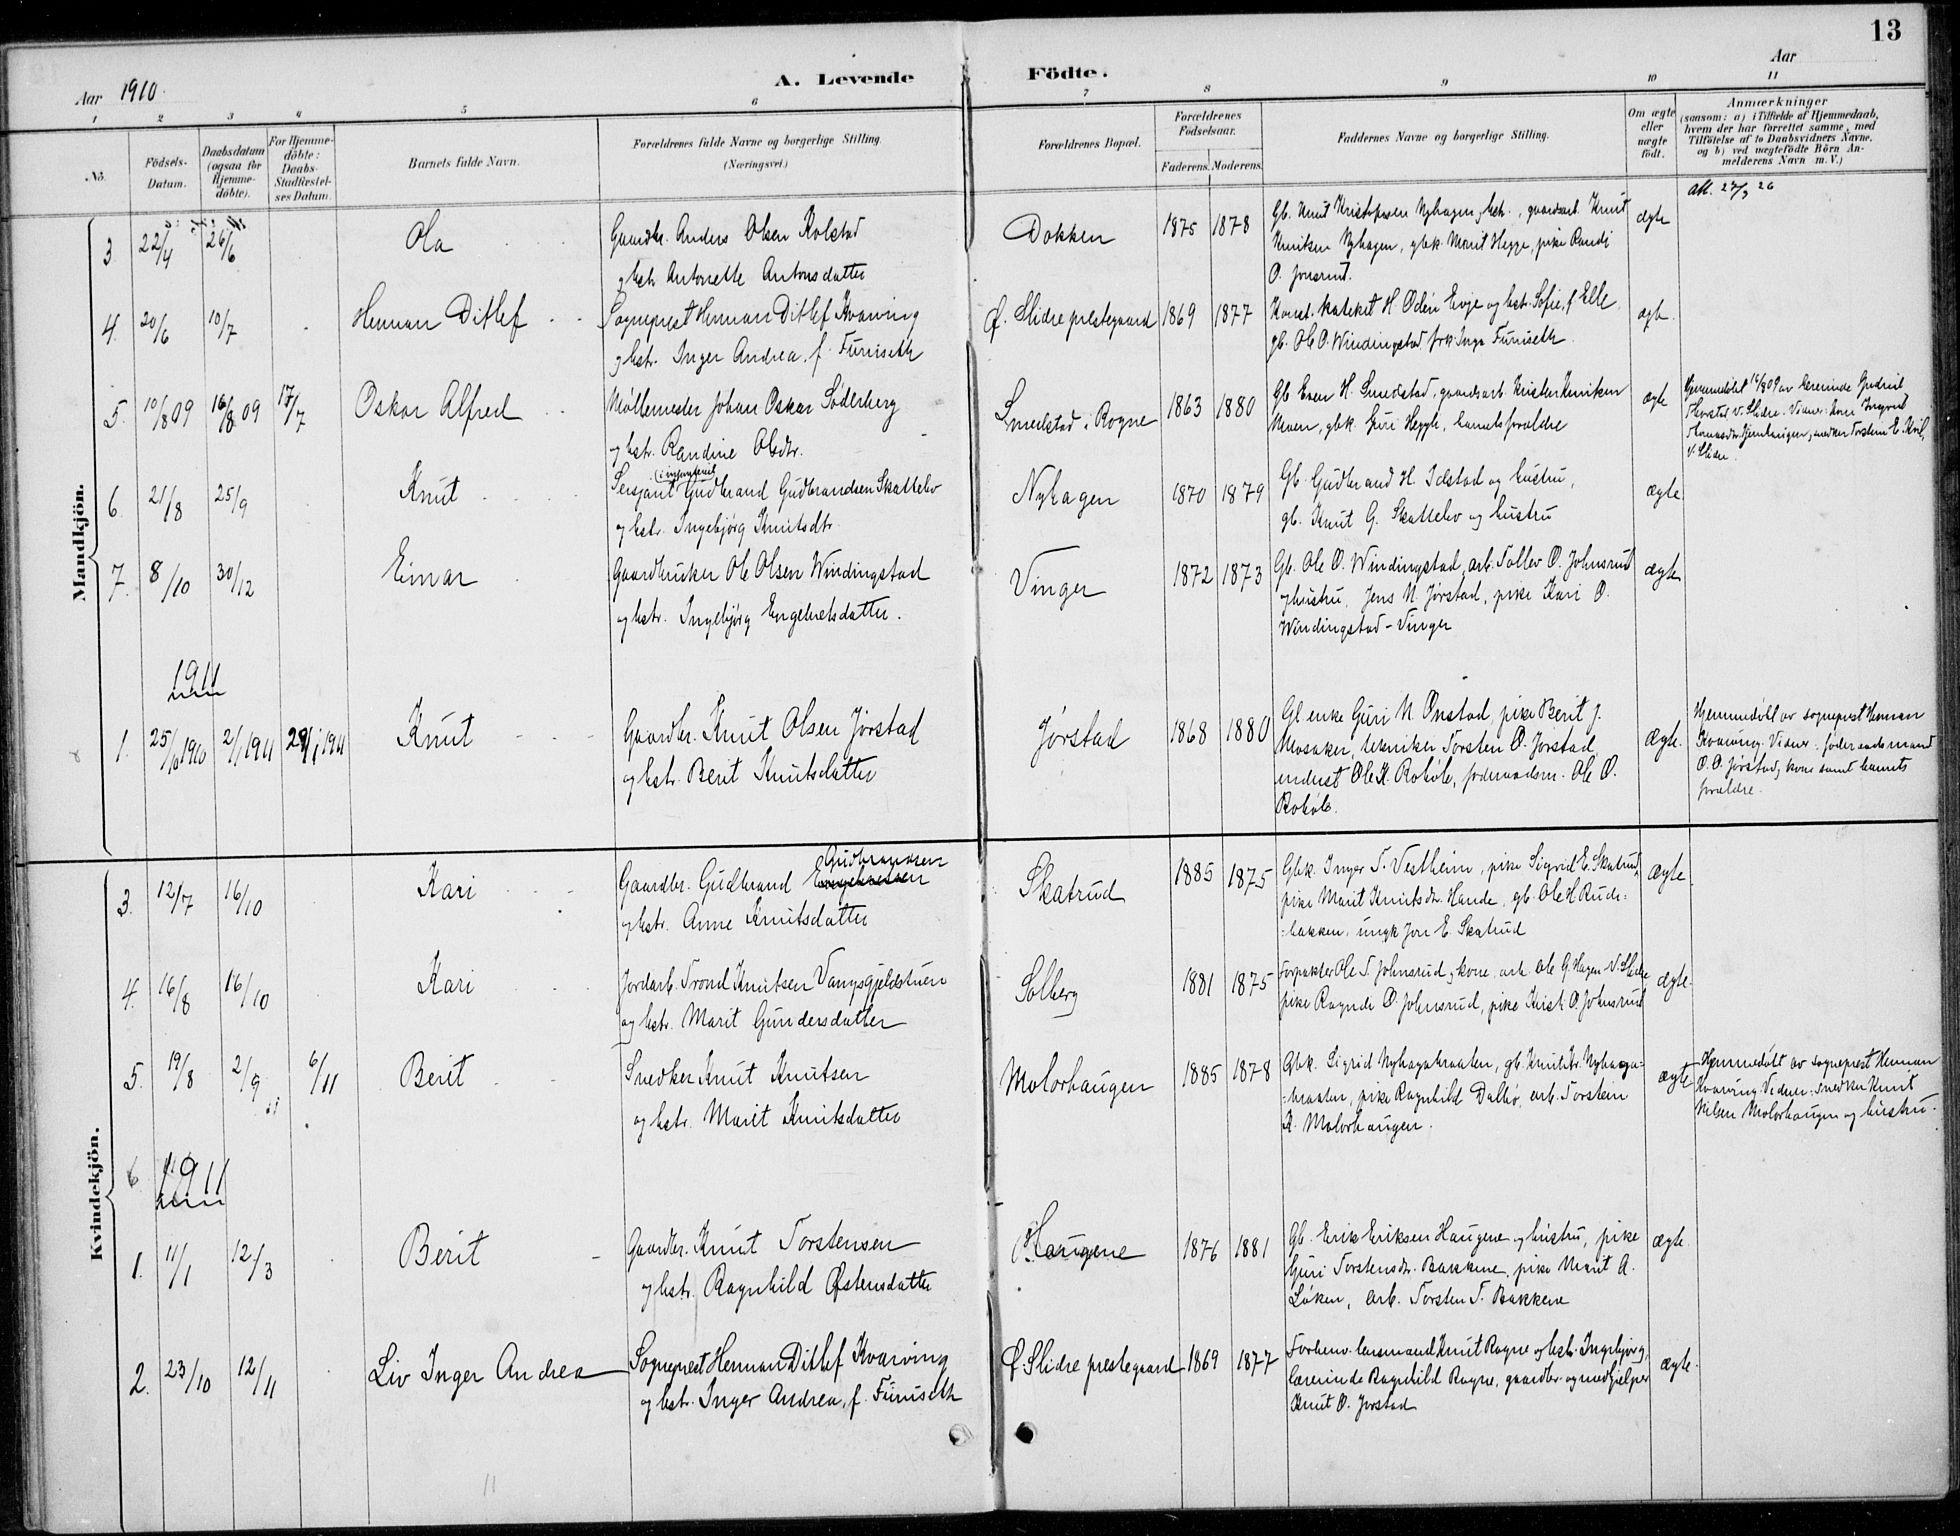 SAH, Øystre Slidre prestekontor, Ministerialbok nr. 5, 1887-1916, s. 13